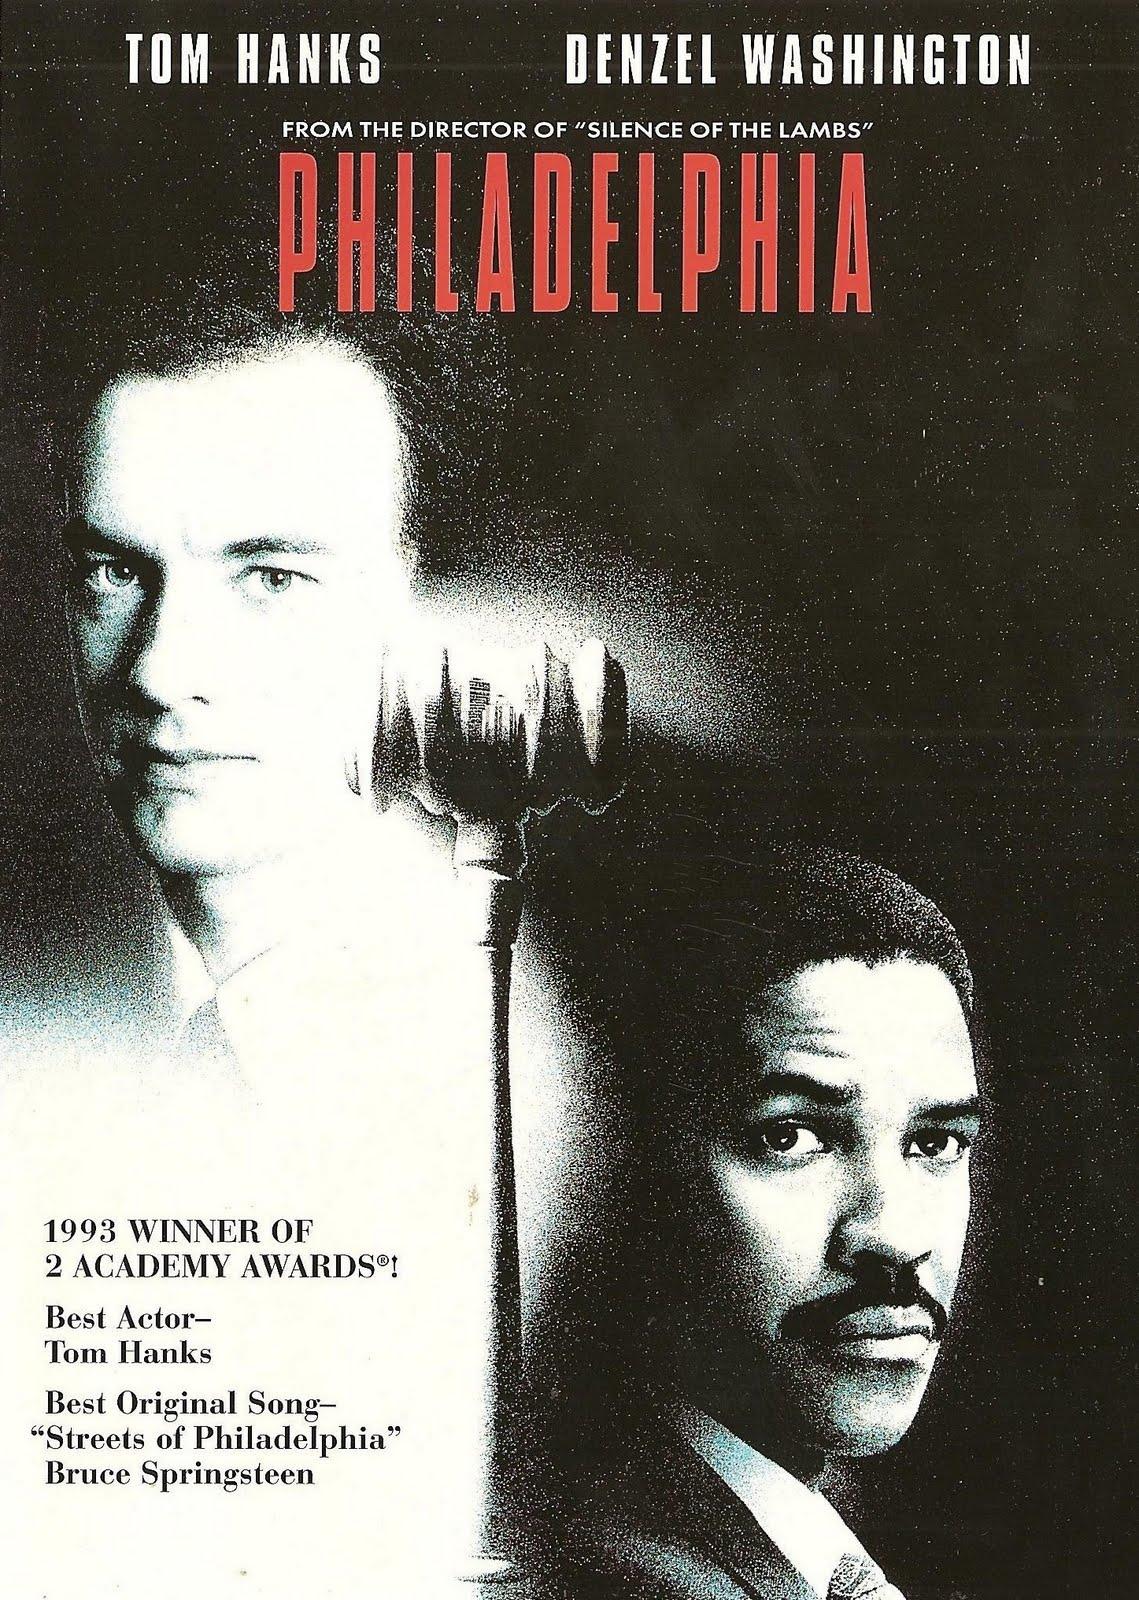 http://2.bp.blogspot.com/_akMMFxZDfq8/TPRFRrxl2xI/AAAAAAAAE8M/iI0Pd9TJMBI/s1600/Philadelphia_1992_Affiche.jpg